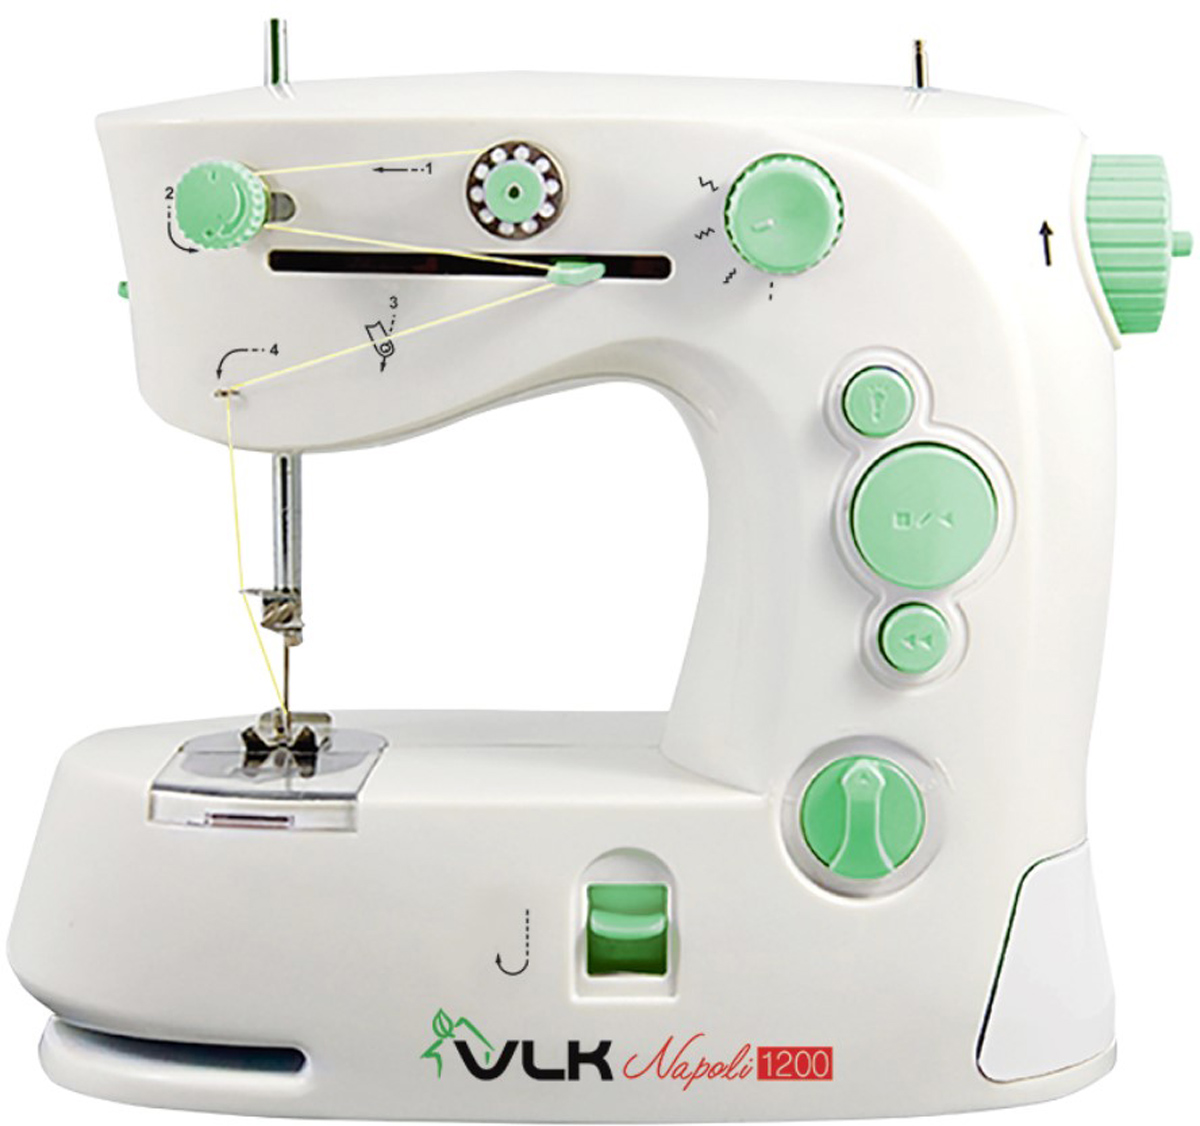 VLK Napoli 1200 швейная машина электромеханическая швейная машина vlk napoli 2100